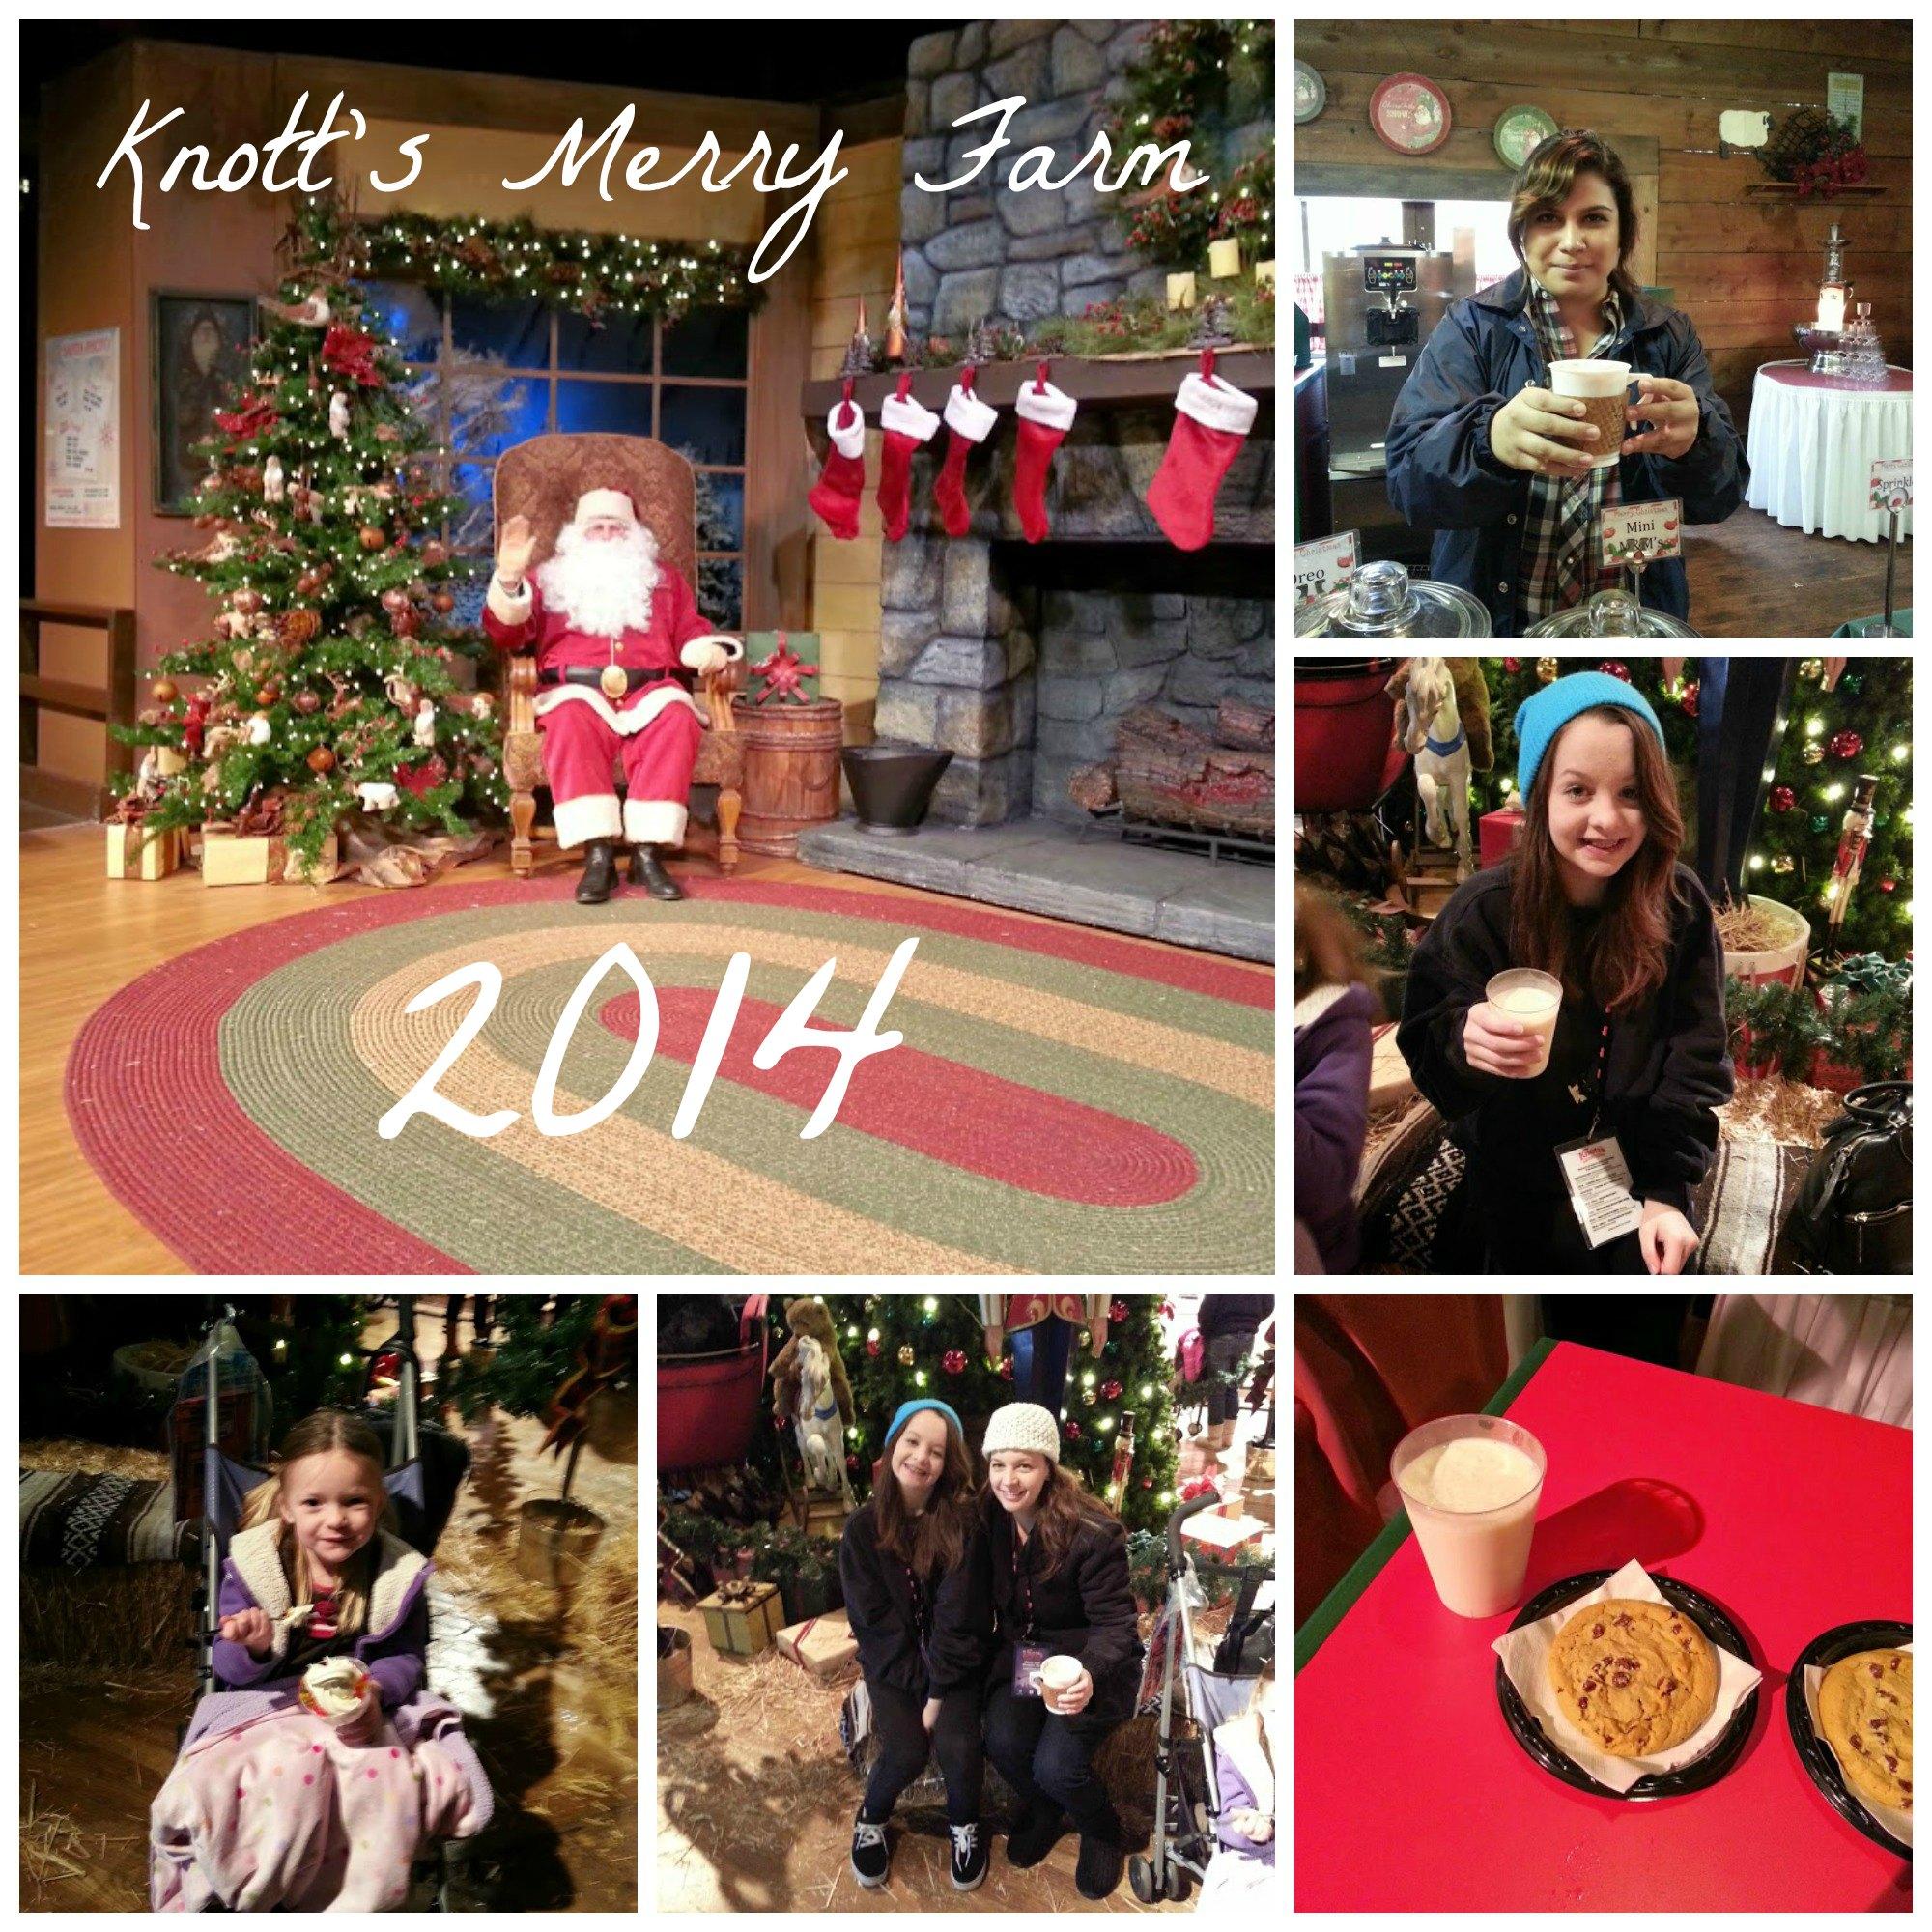 knotts merry farm 2014